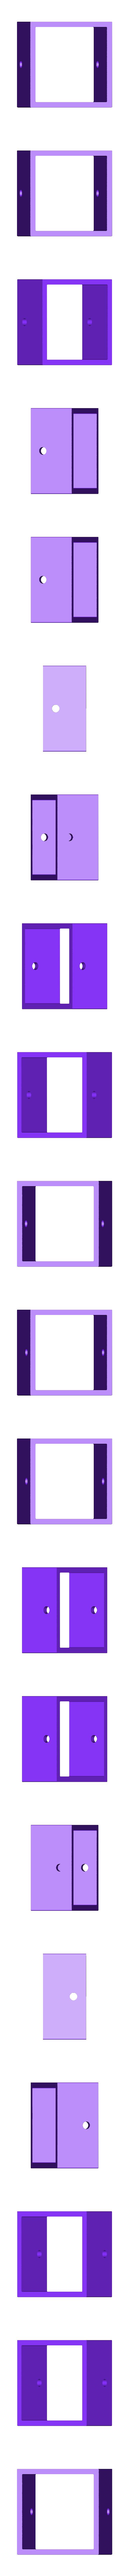 Microscope_Stage_Center.stl Télécharger fichier STL gratuit Platine de microscope USB et support de trépied • Design à imprimer en 3D, mechengineermike